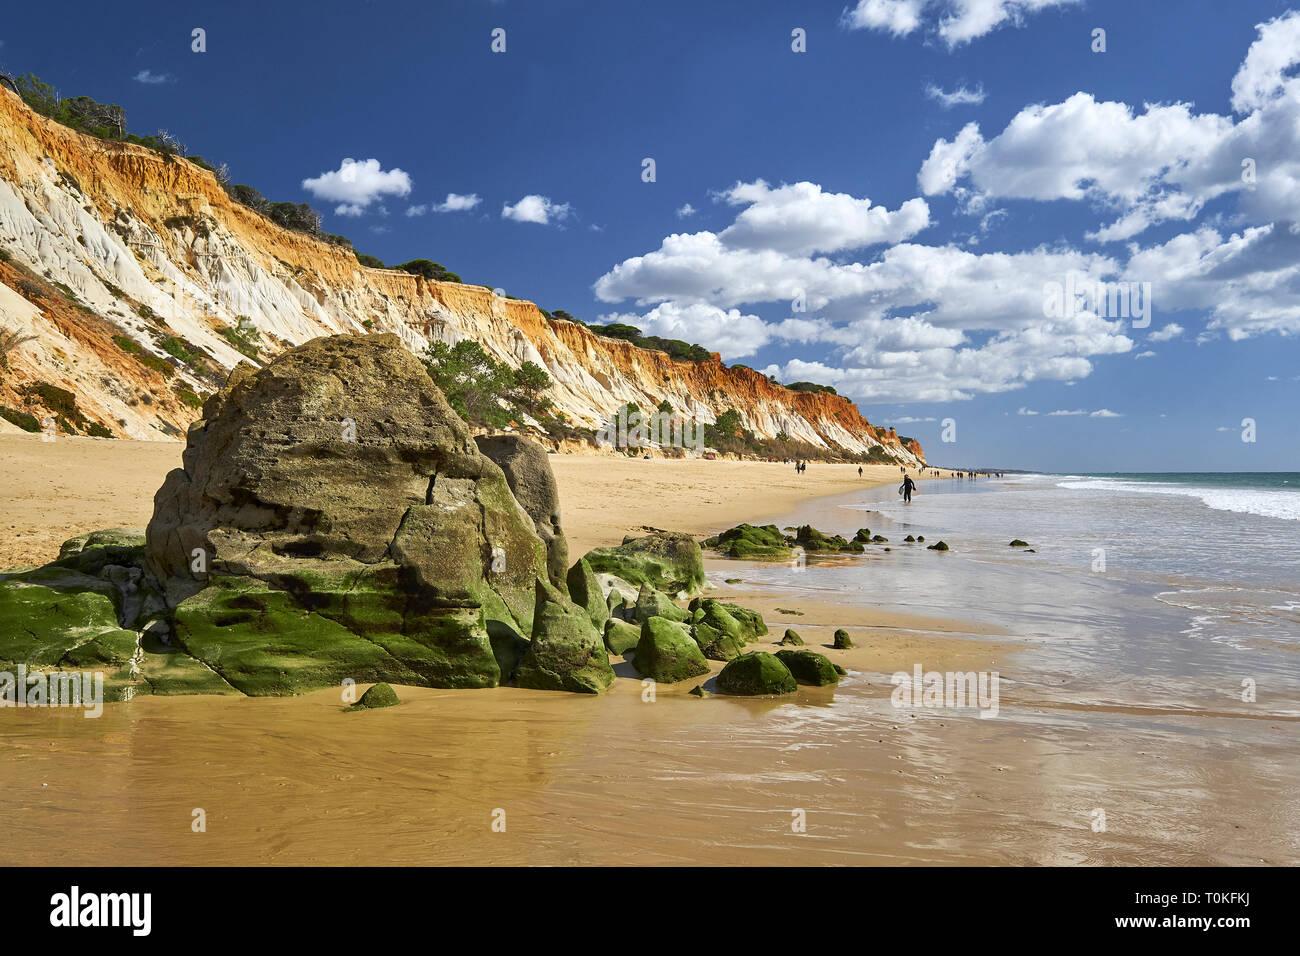 Praia da Falésia (Praia do Barranco das Belharucas), Vilamoura, Quarteira, Faro, Algarve, Portugal Foto de stock